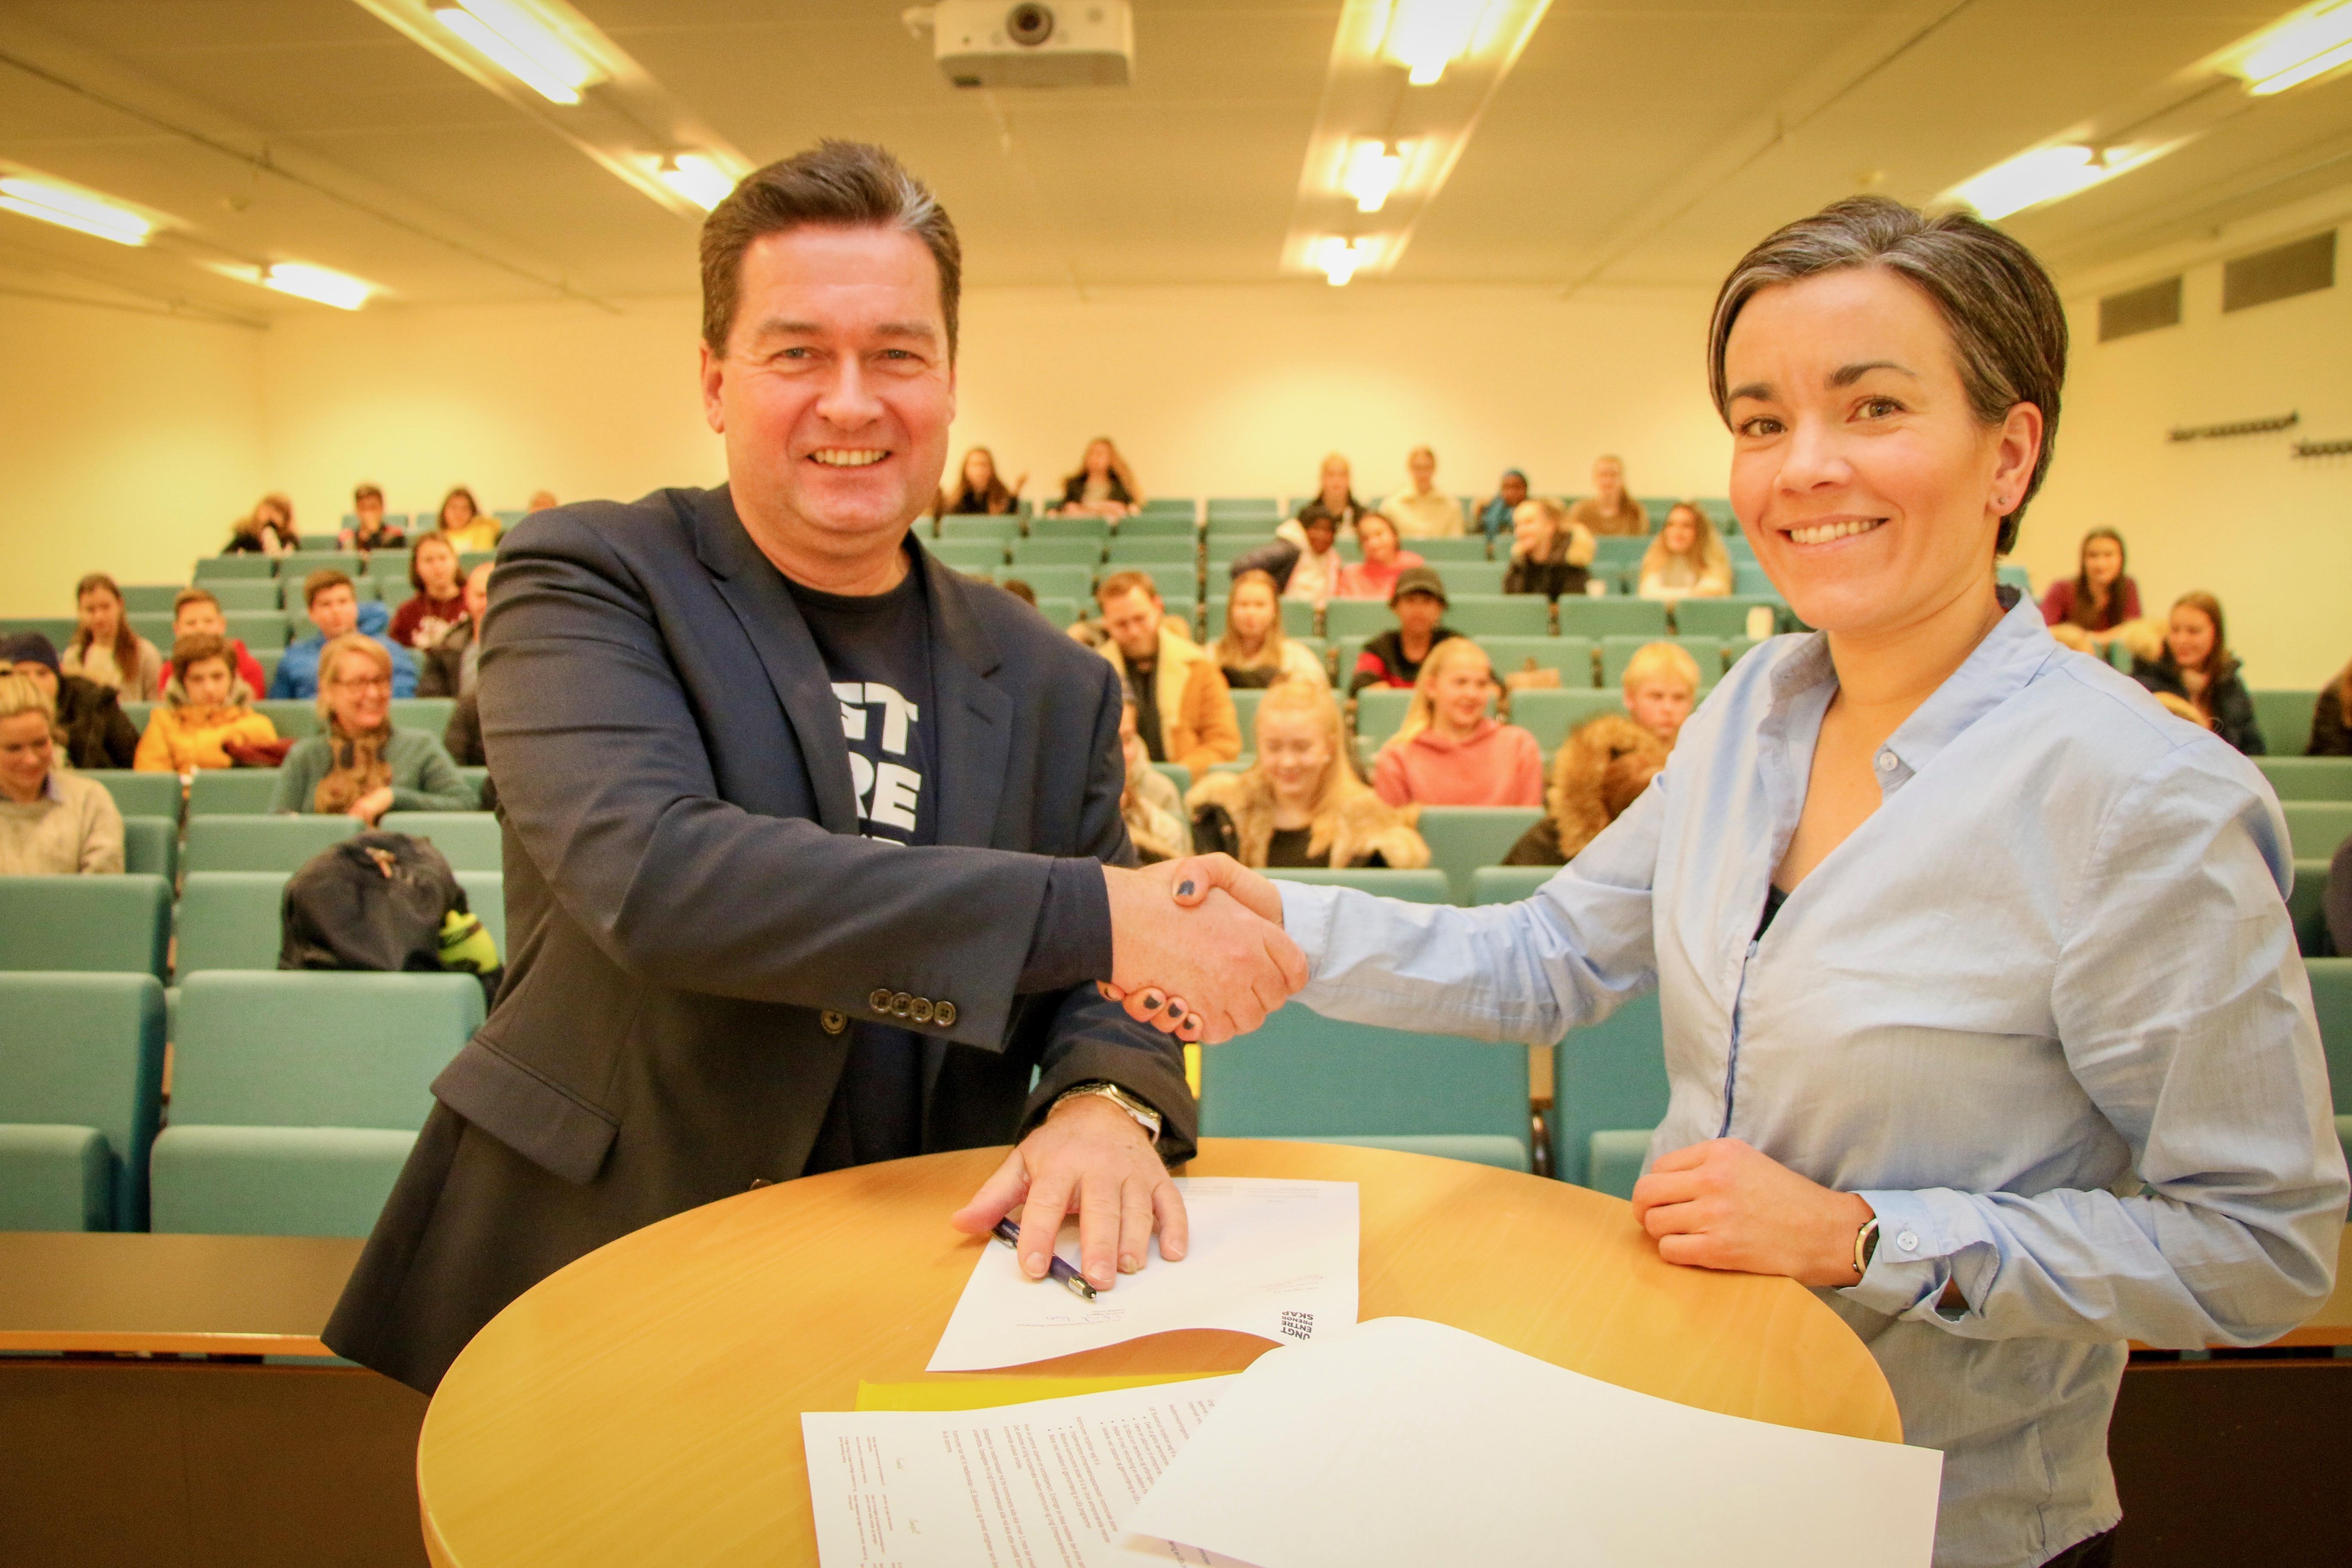 Signerte Avtale Med Ungt Entreprenorskap Lier Kommune